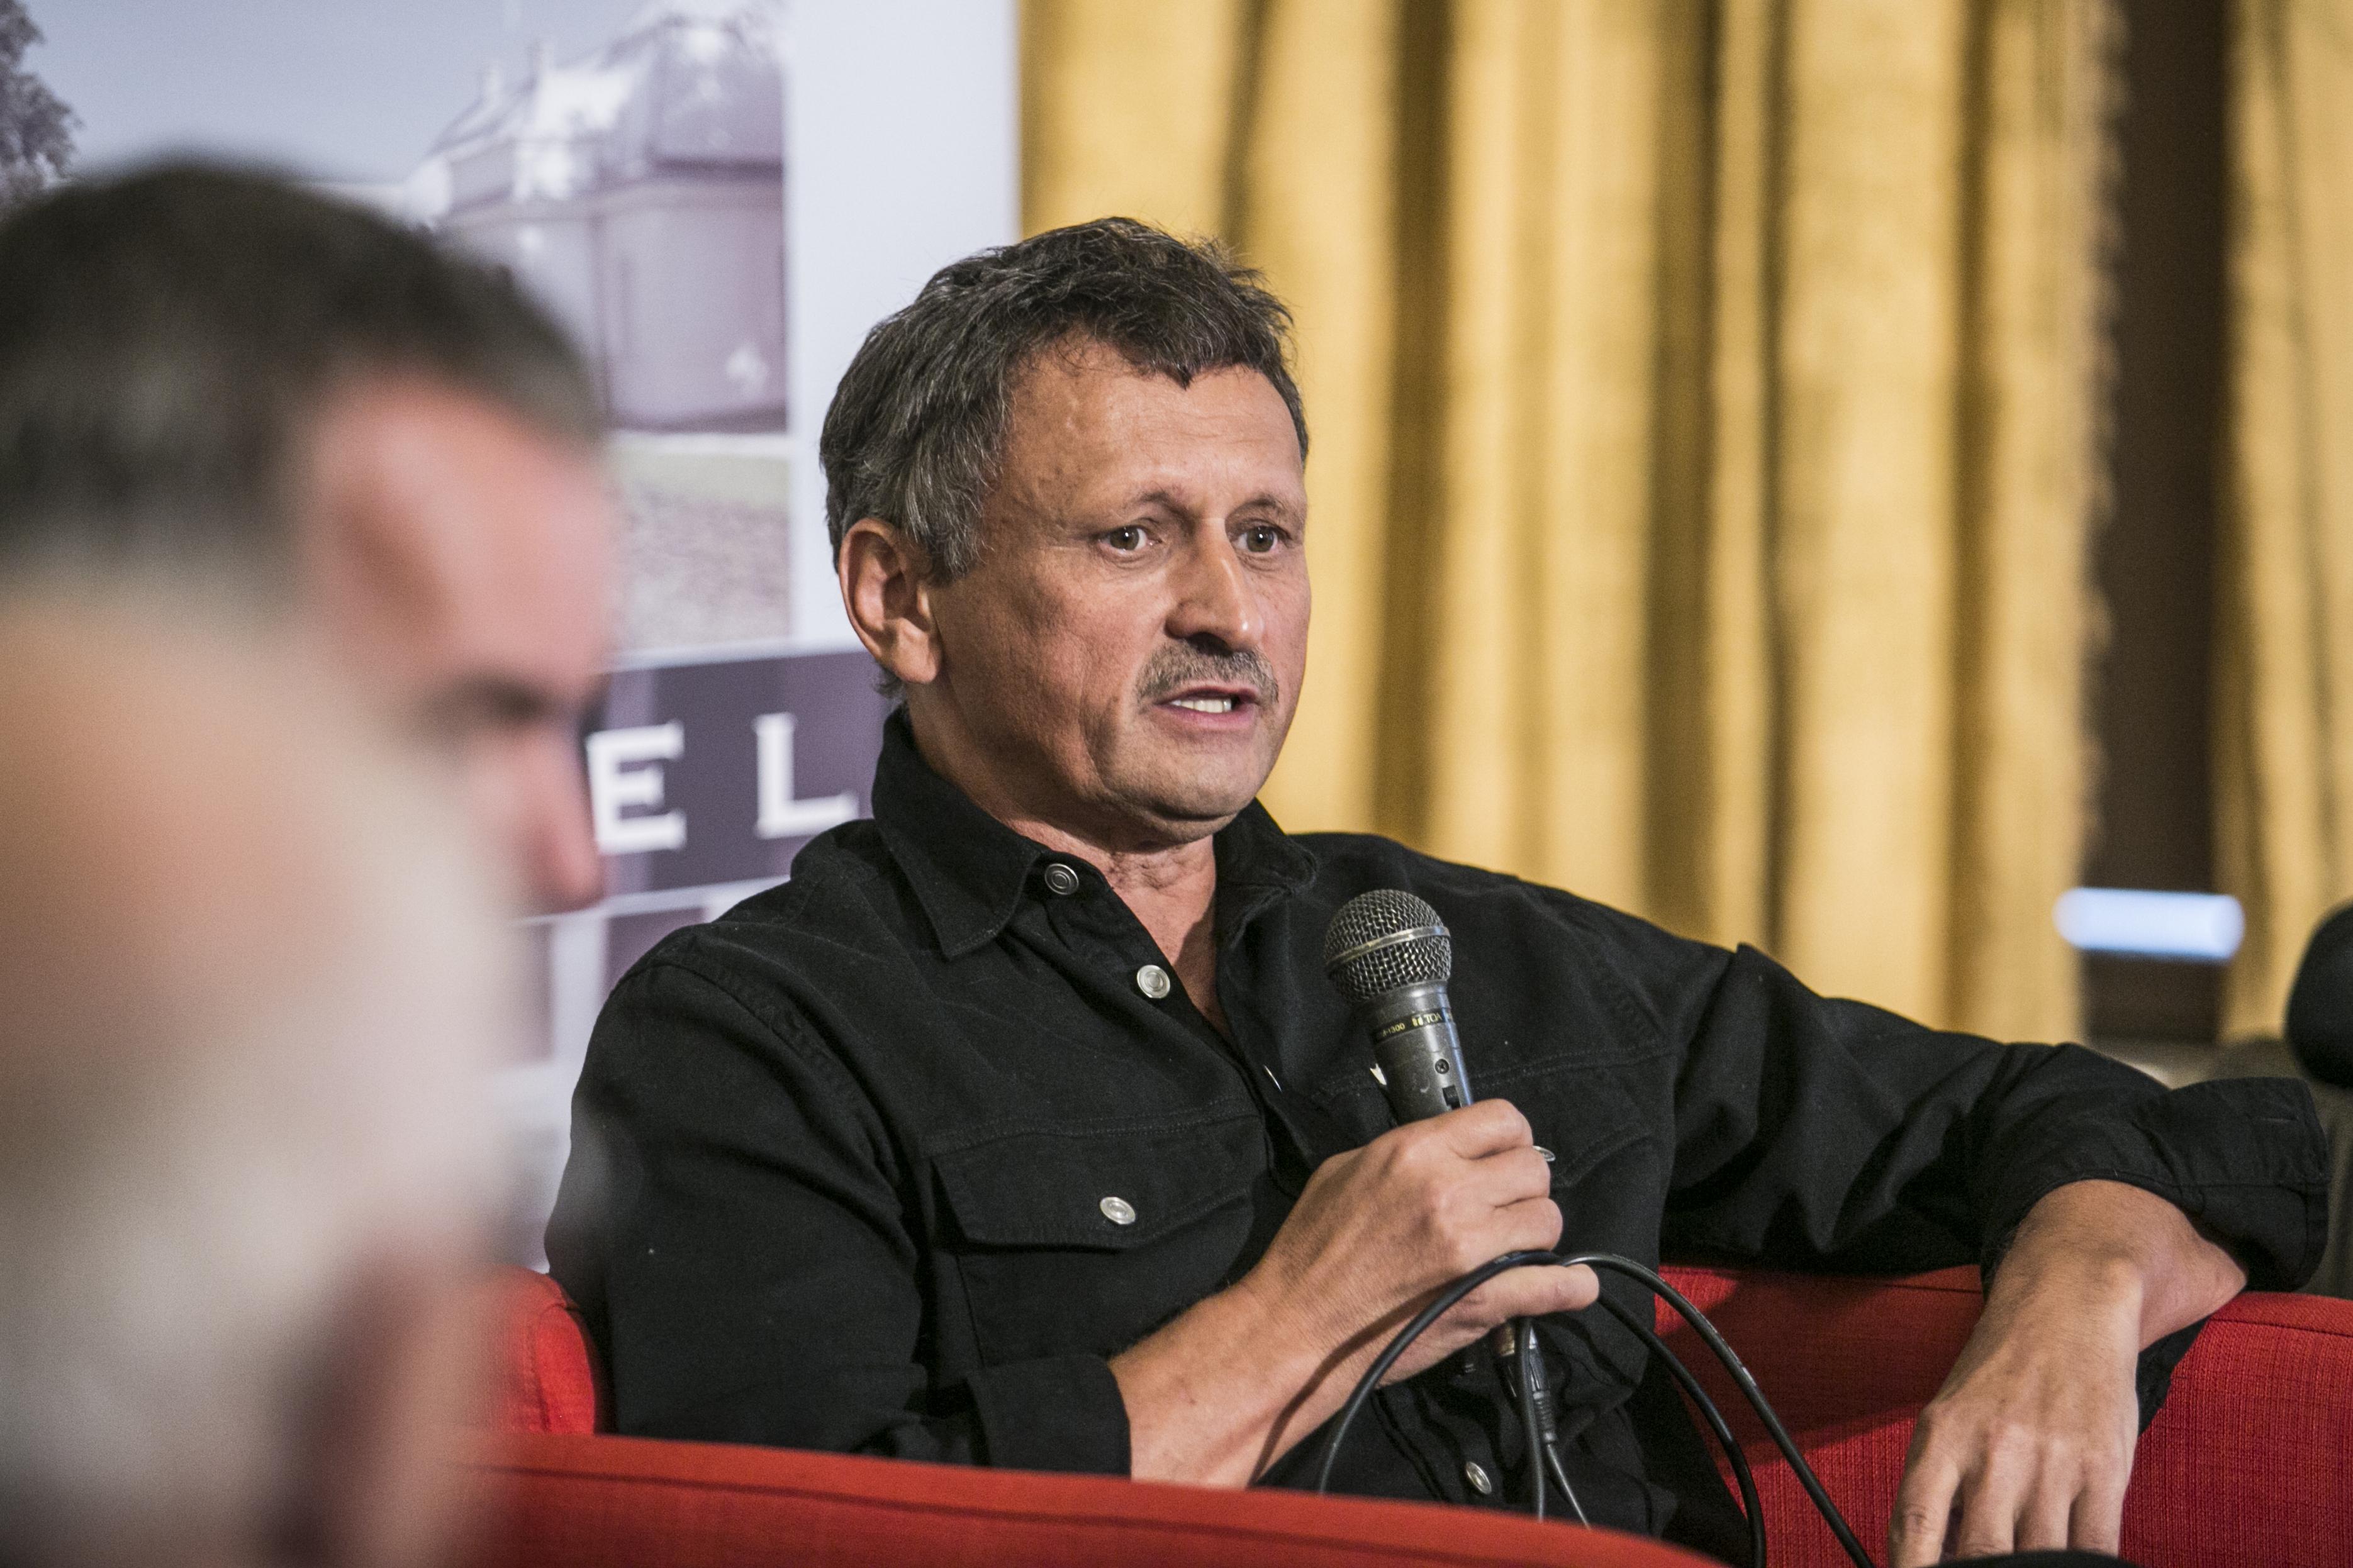 Már a fideszes médiabirodalomban is azt olvashatjuk, hogy Magyarországon autokrácia épült ki